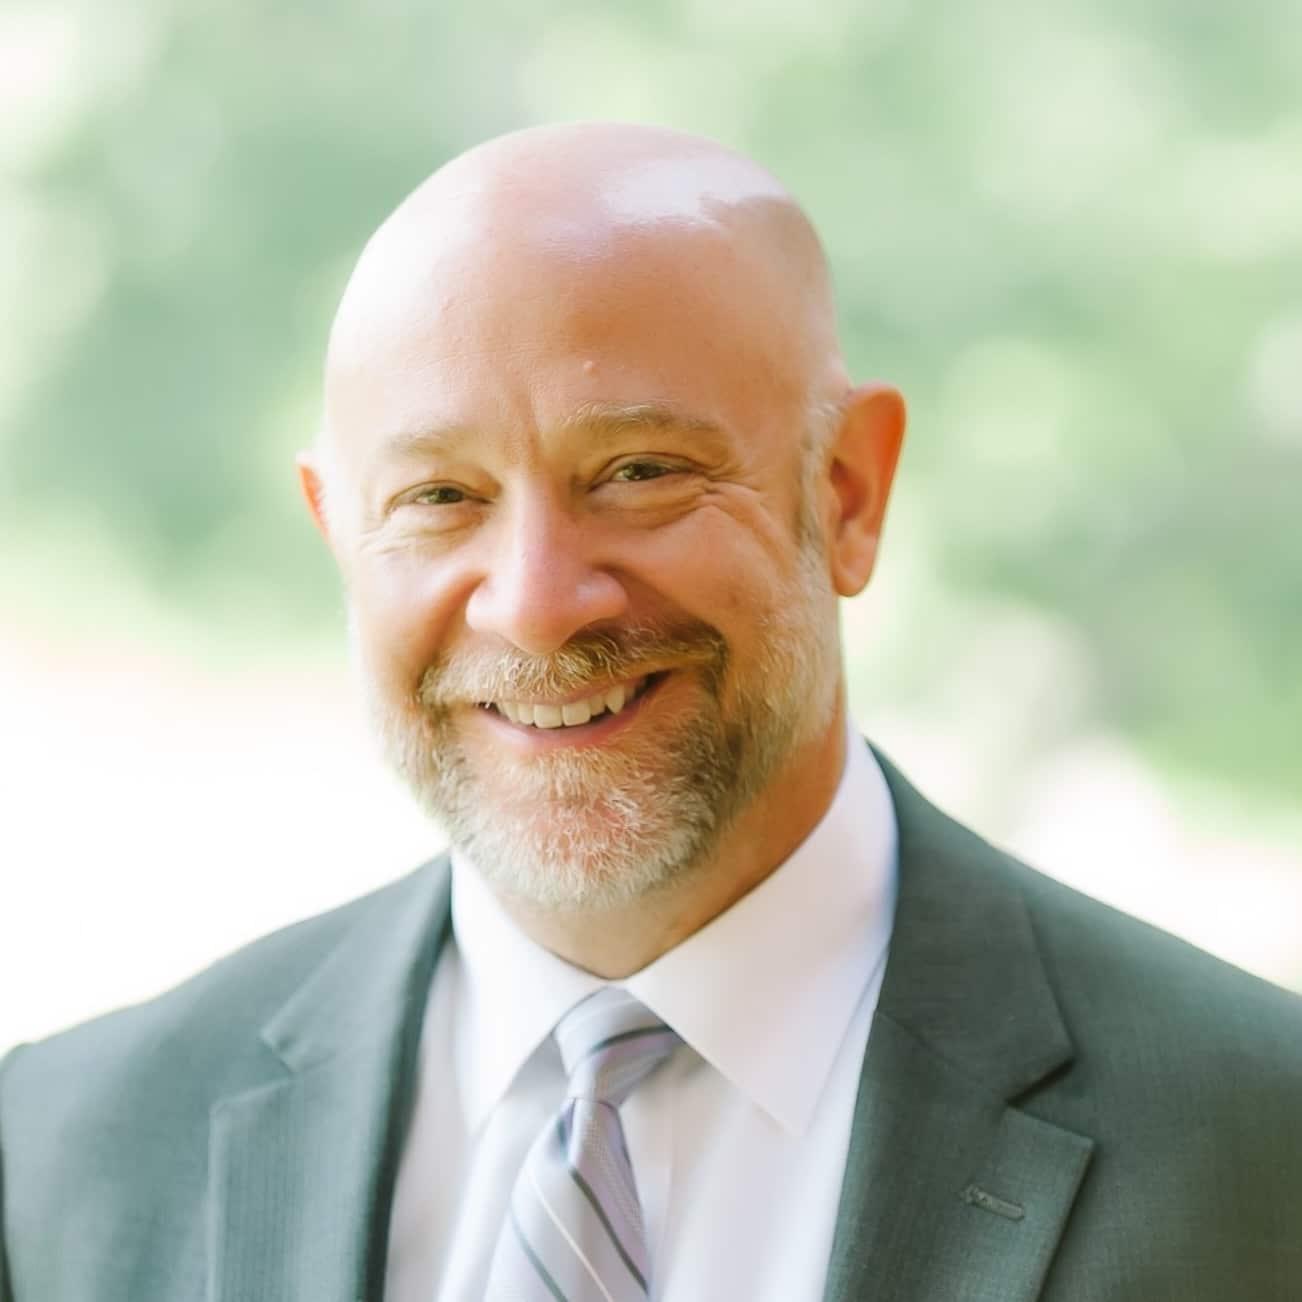 Dr. Robert Stacey